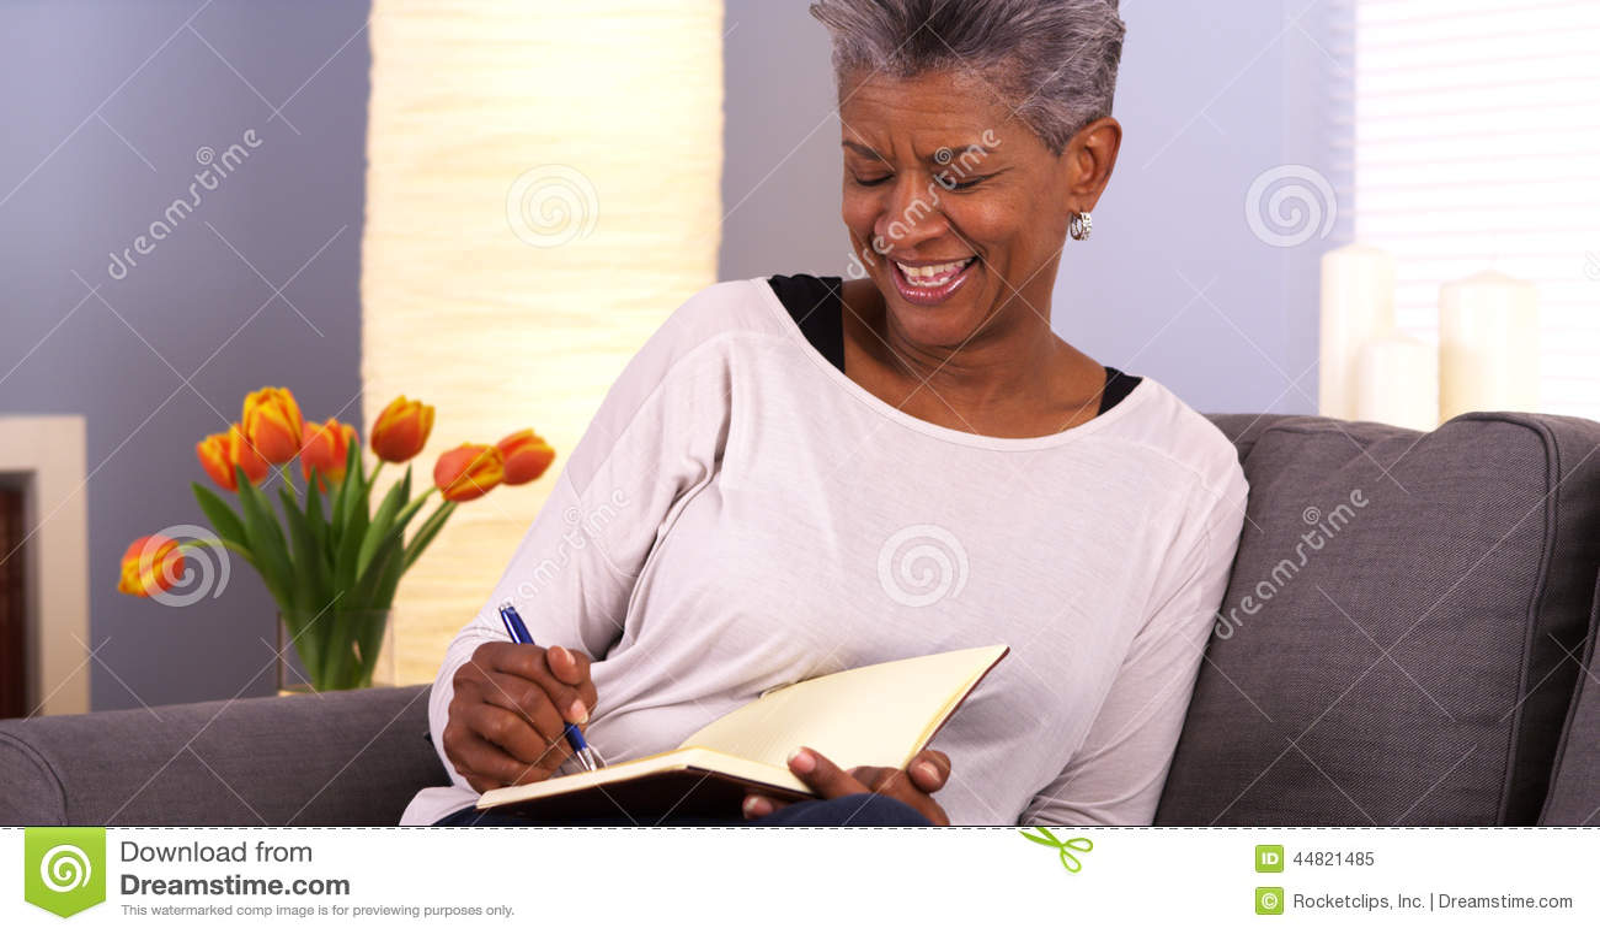 μαύρες ώριμες γυναίκες φωτογραφία